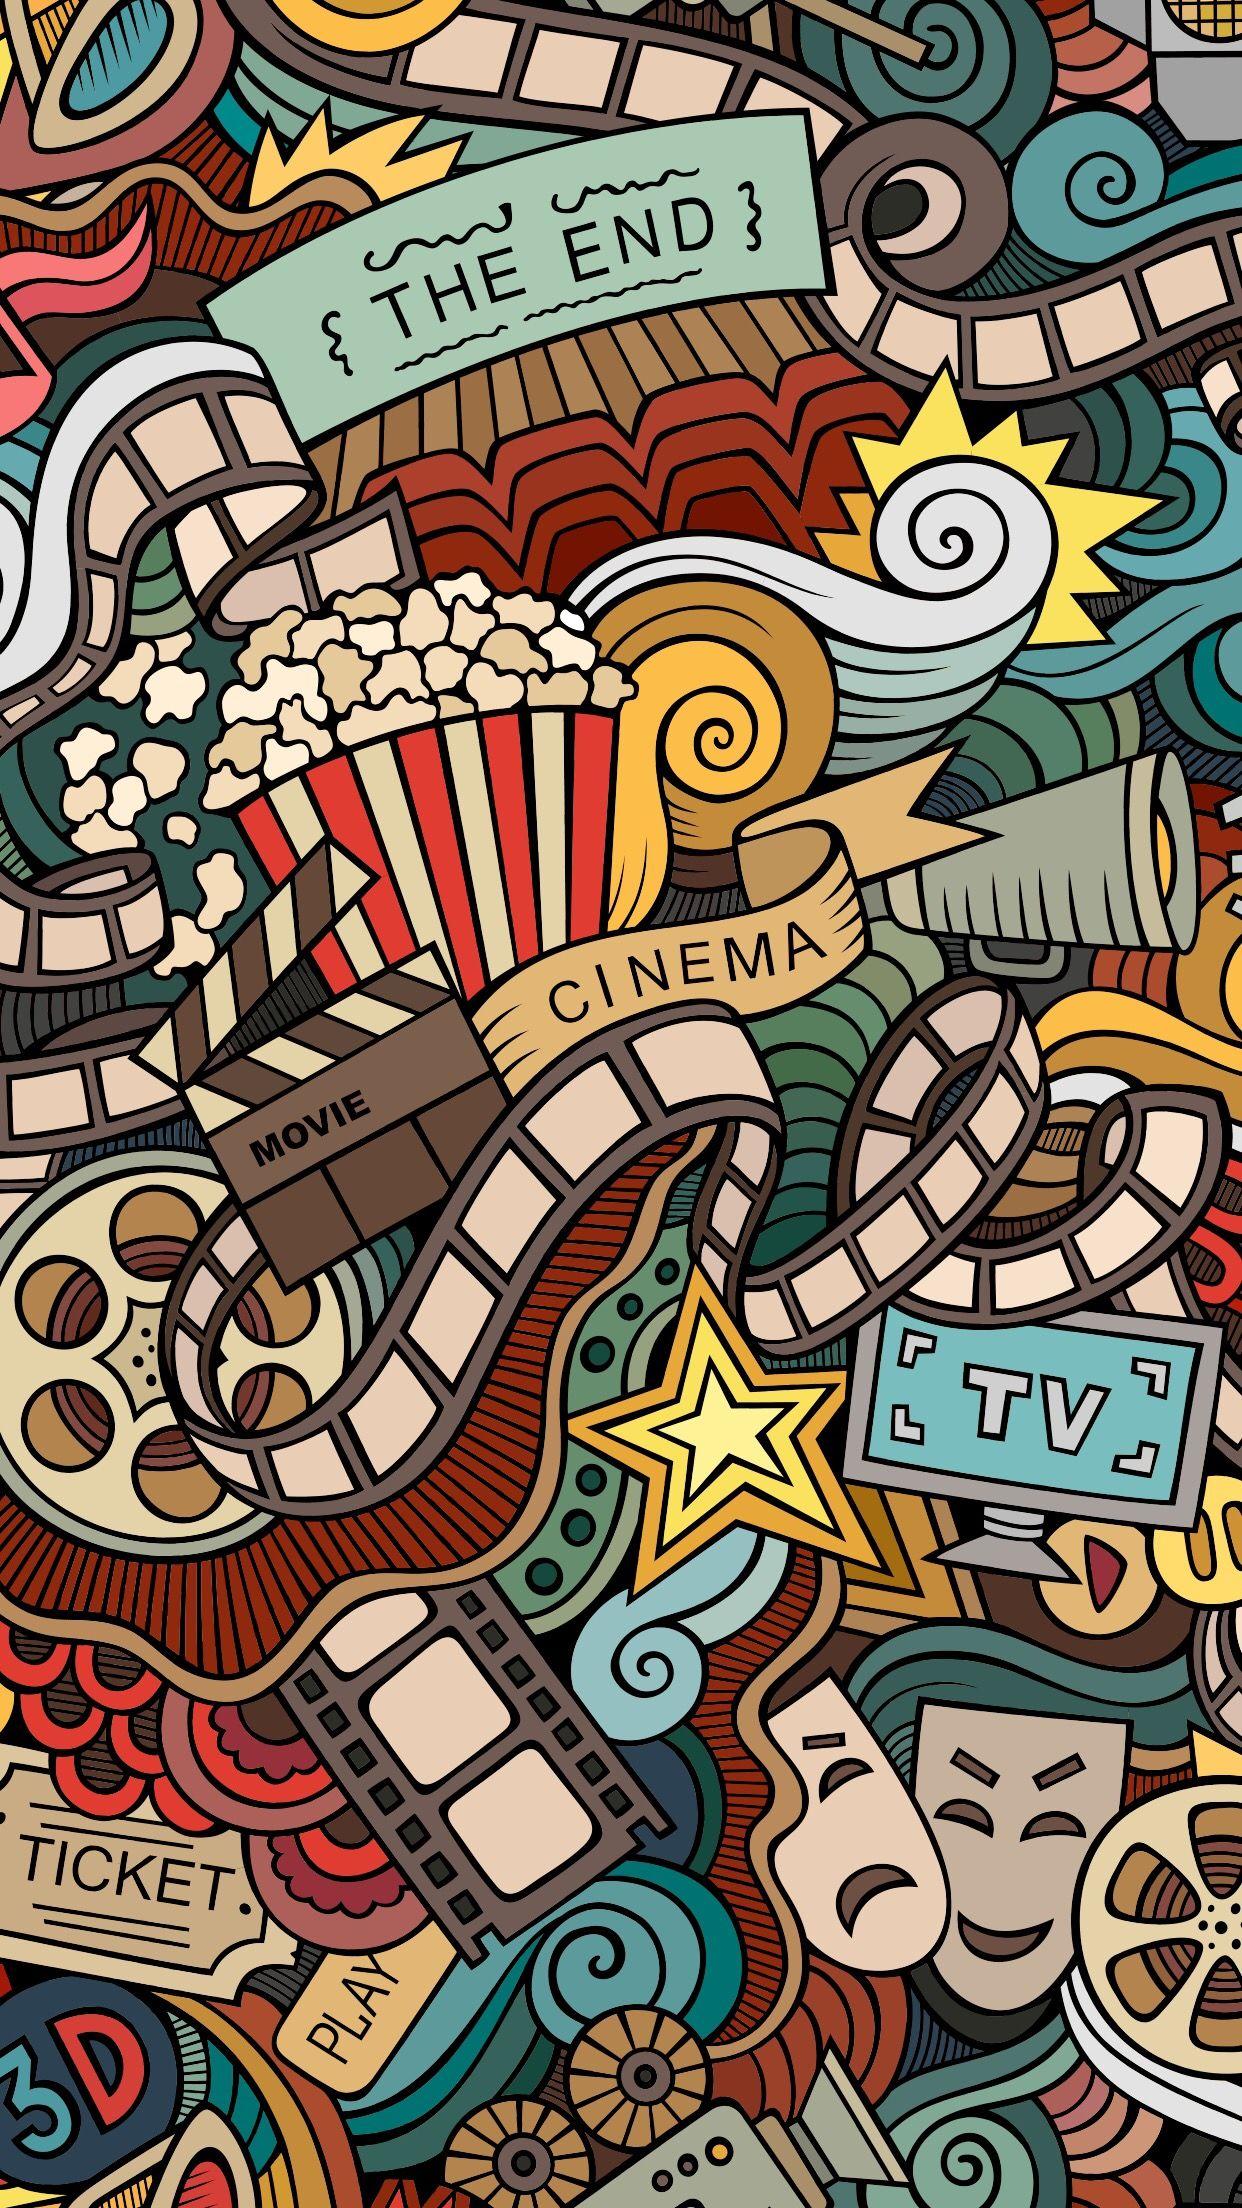 wallpaper Line Friends(≧∇≦) Pinterest Wallpaper and Doodles